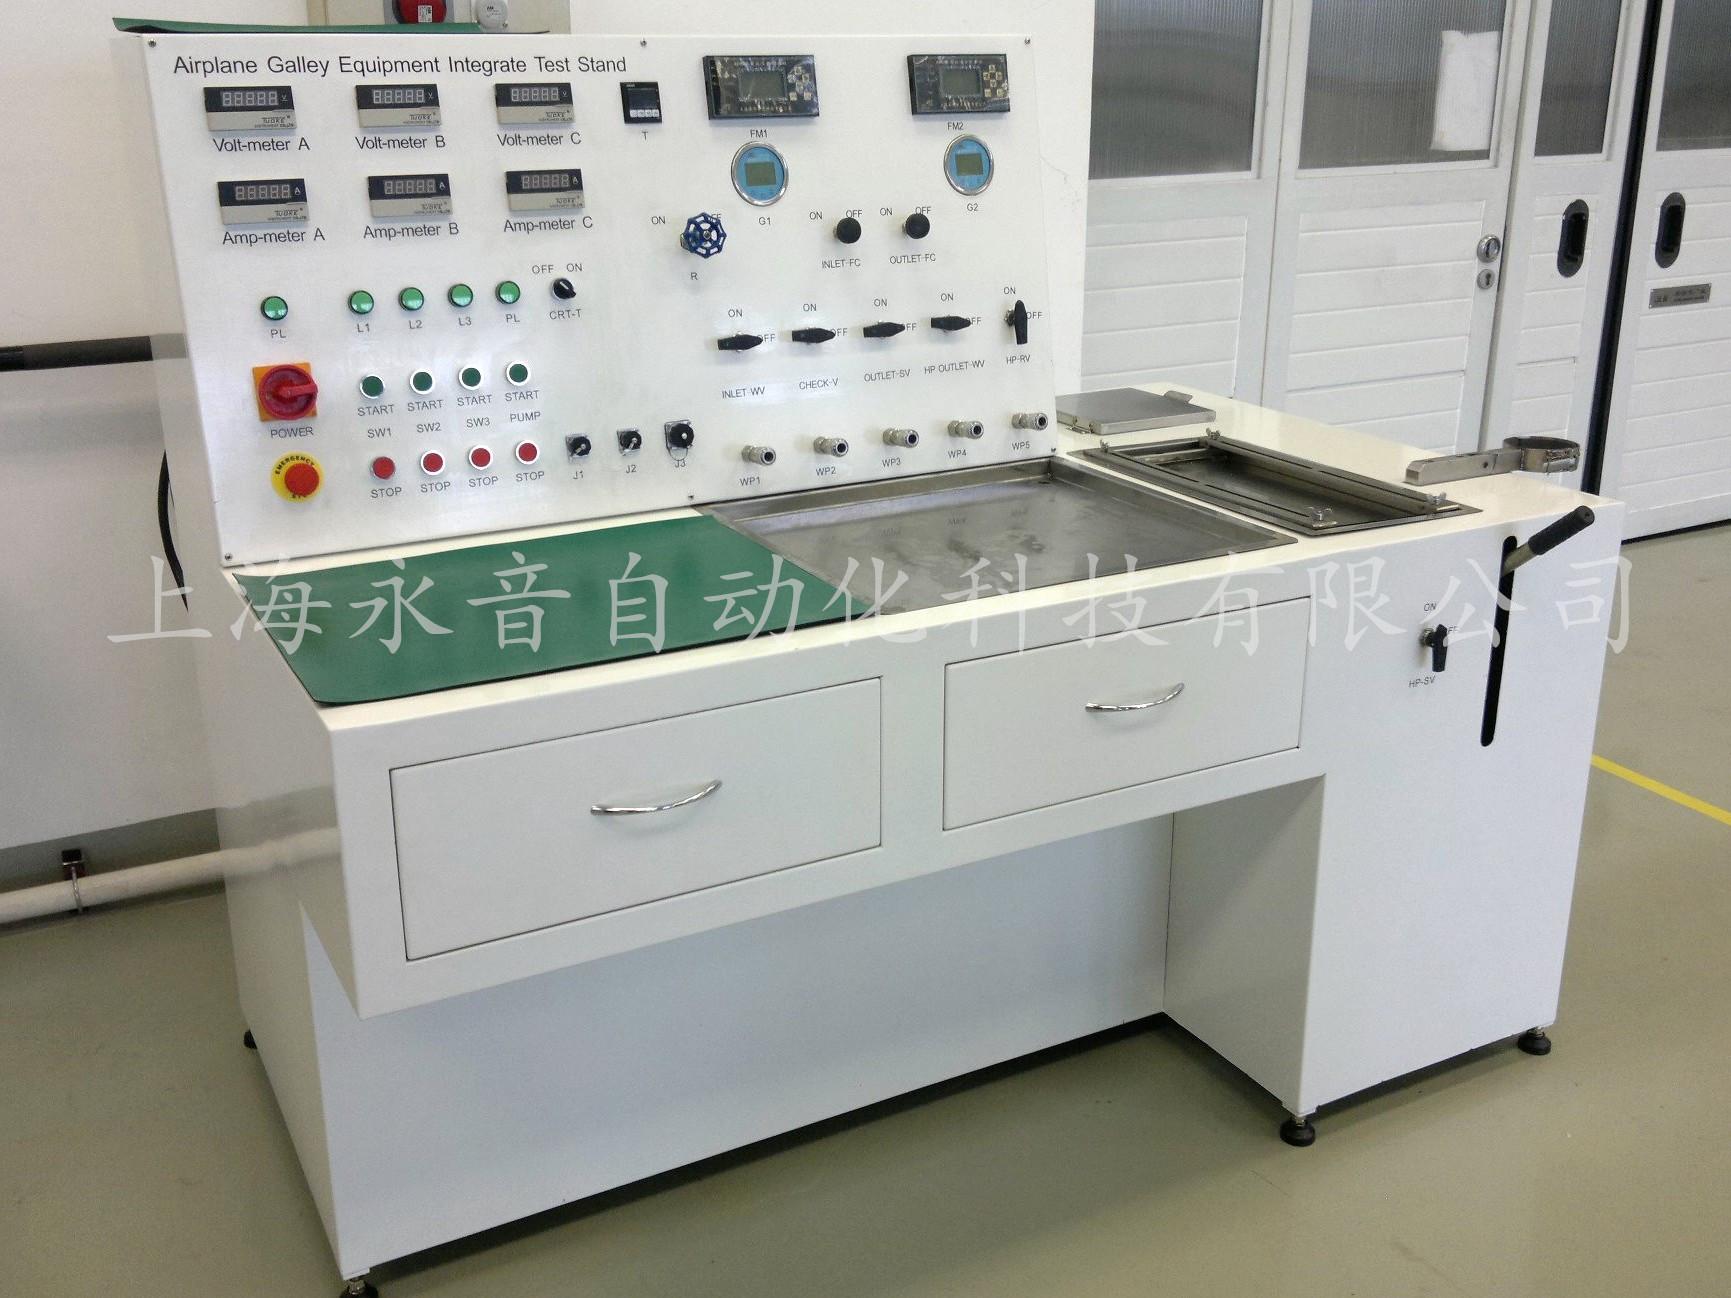 飛機廚房設備水電系統綜合試驗臺